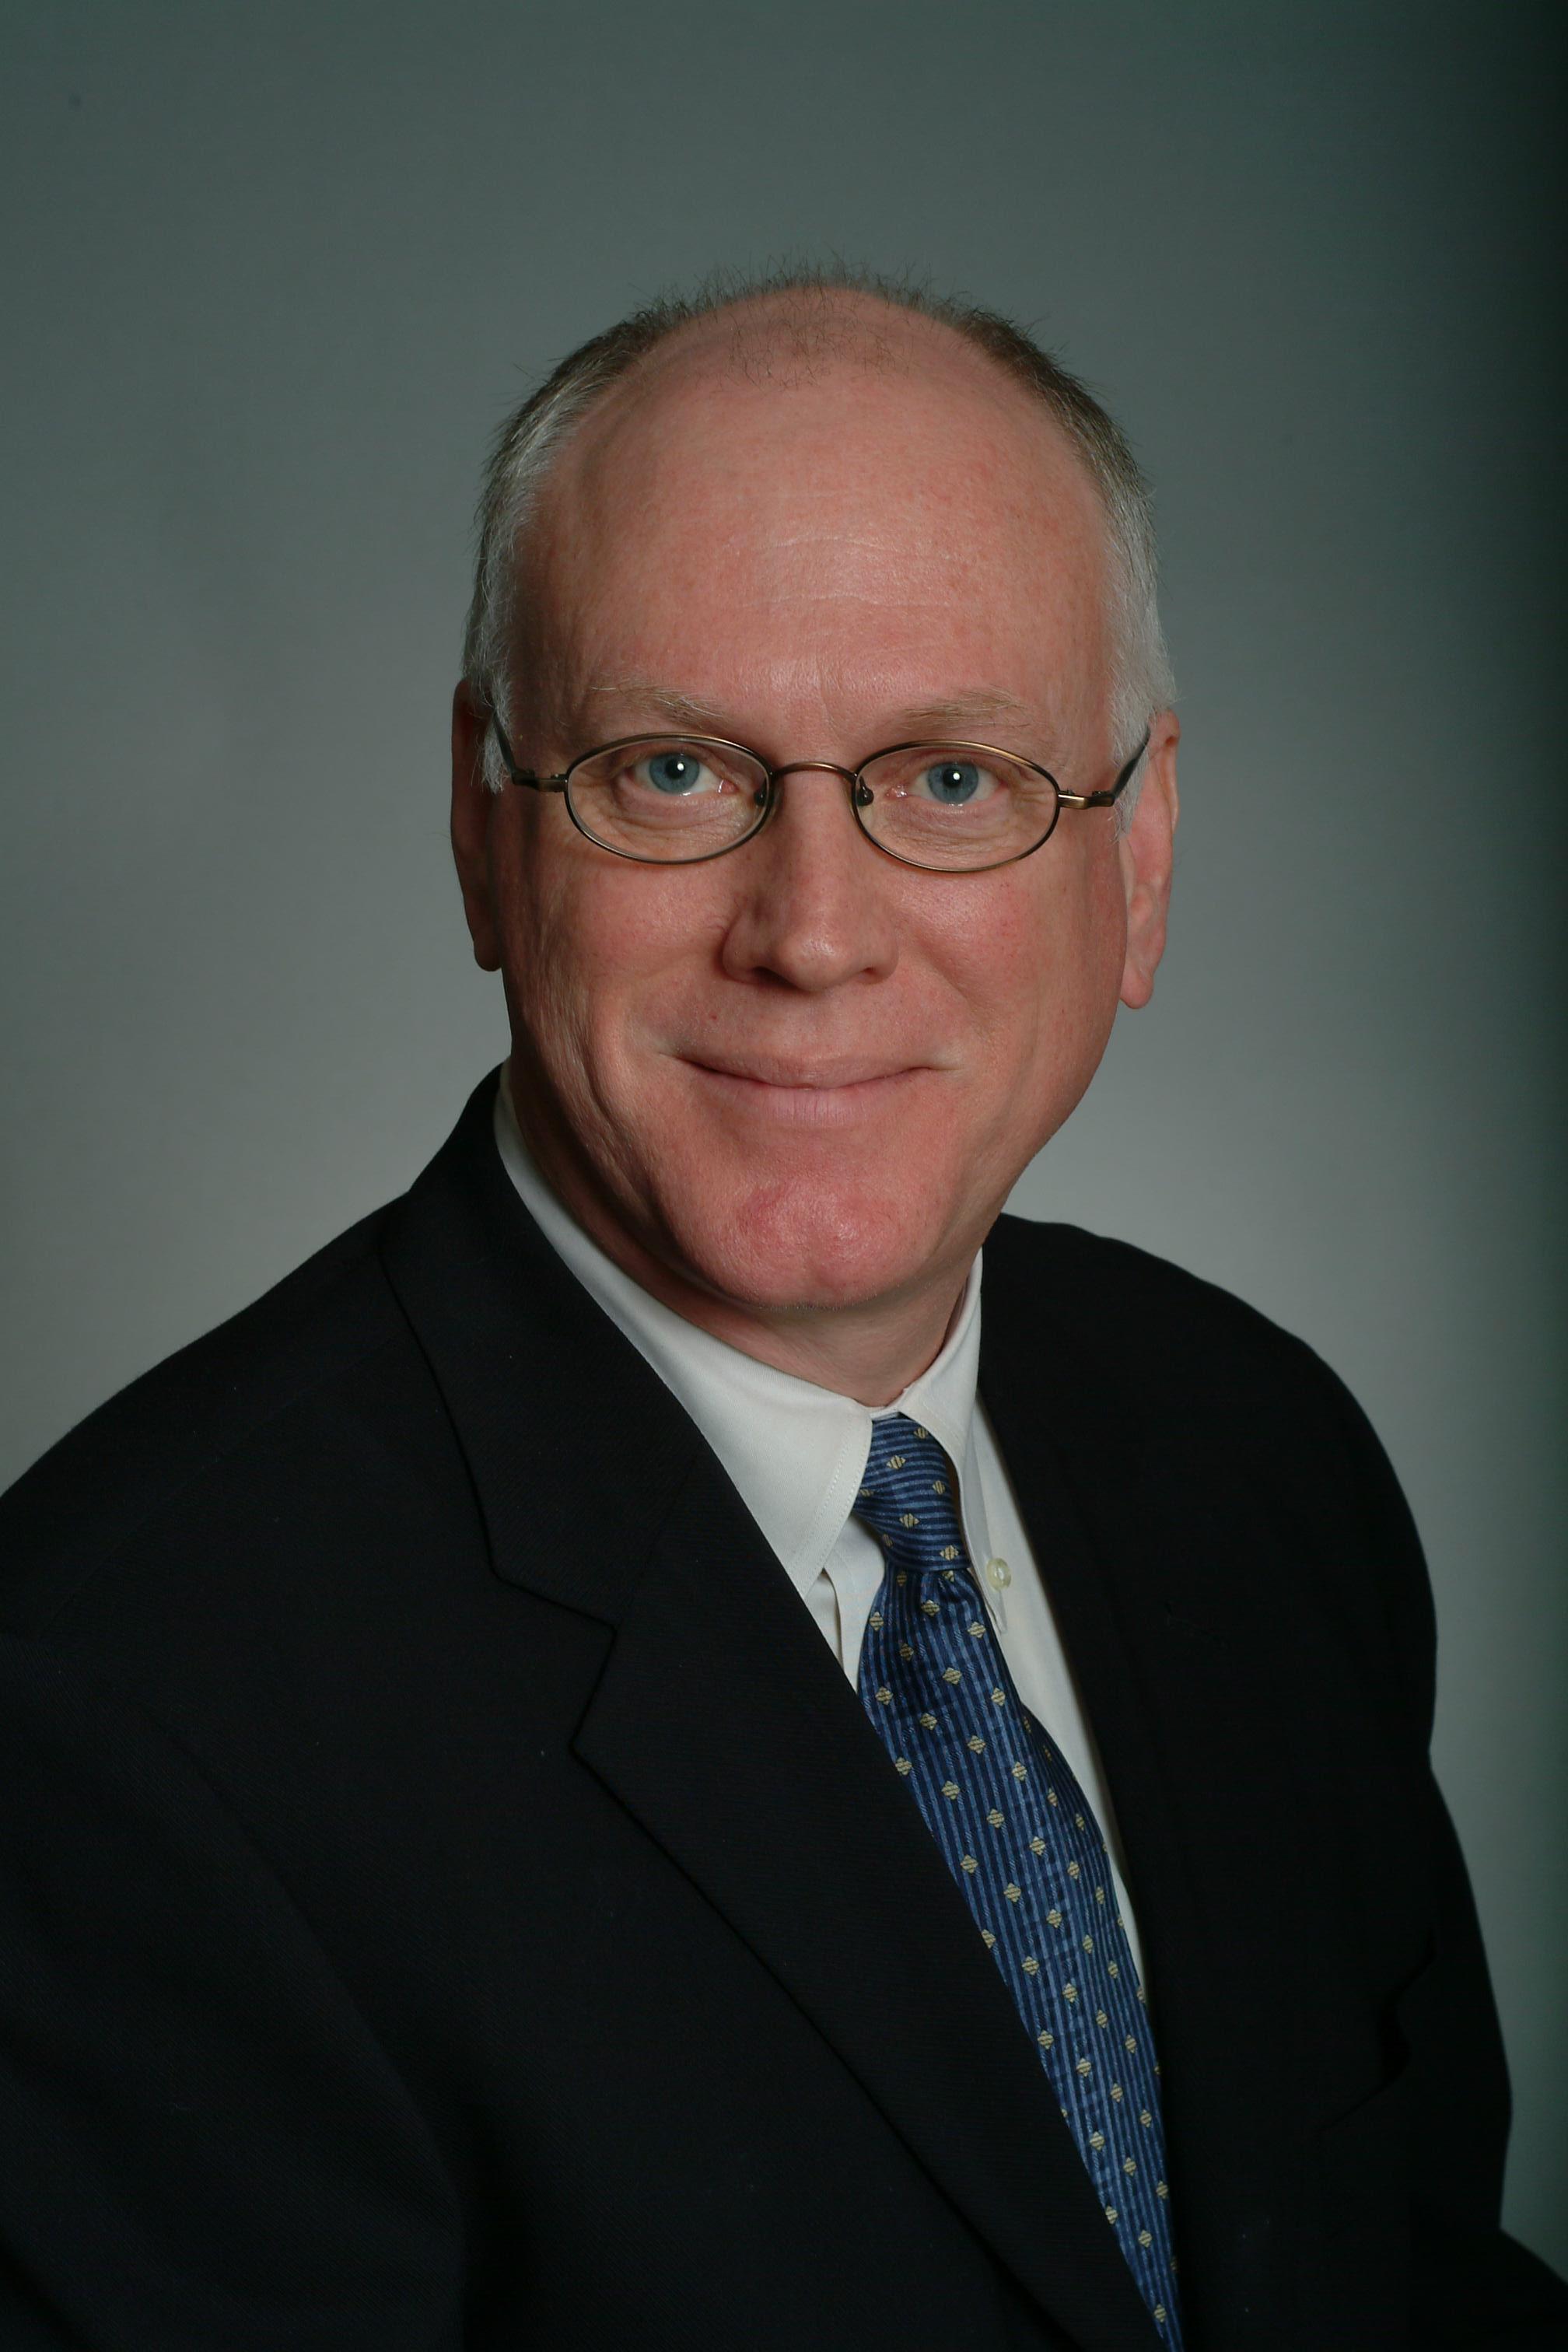 Christopher Currin, financial advisor Dallas TX